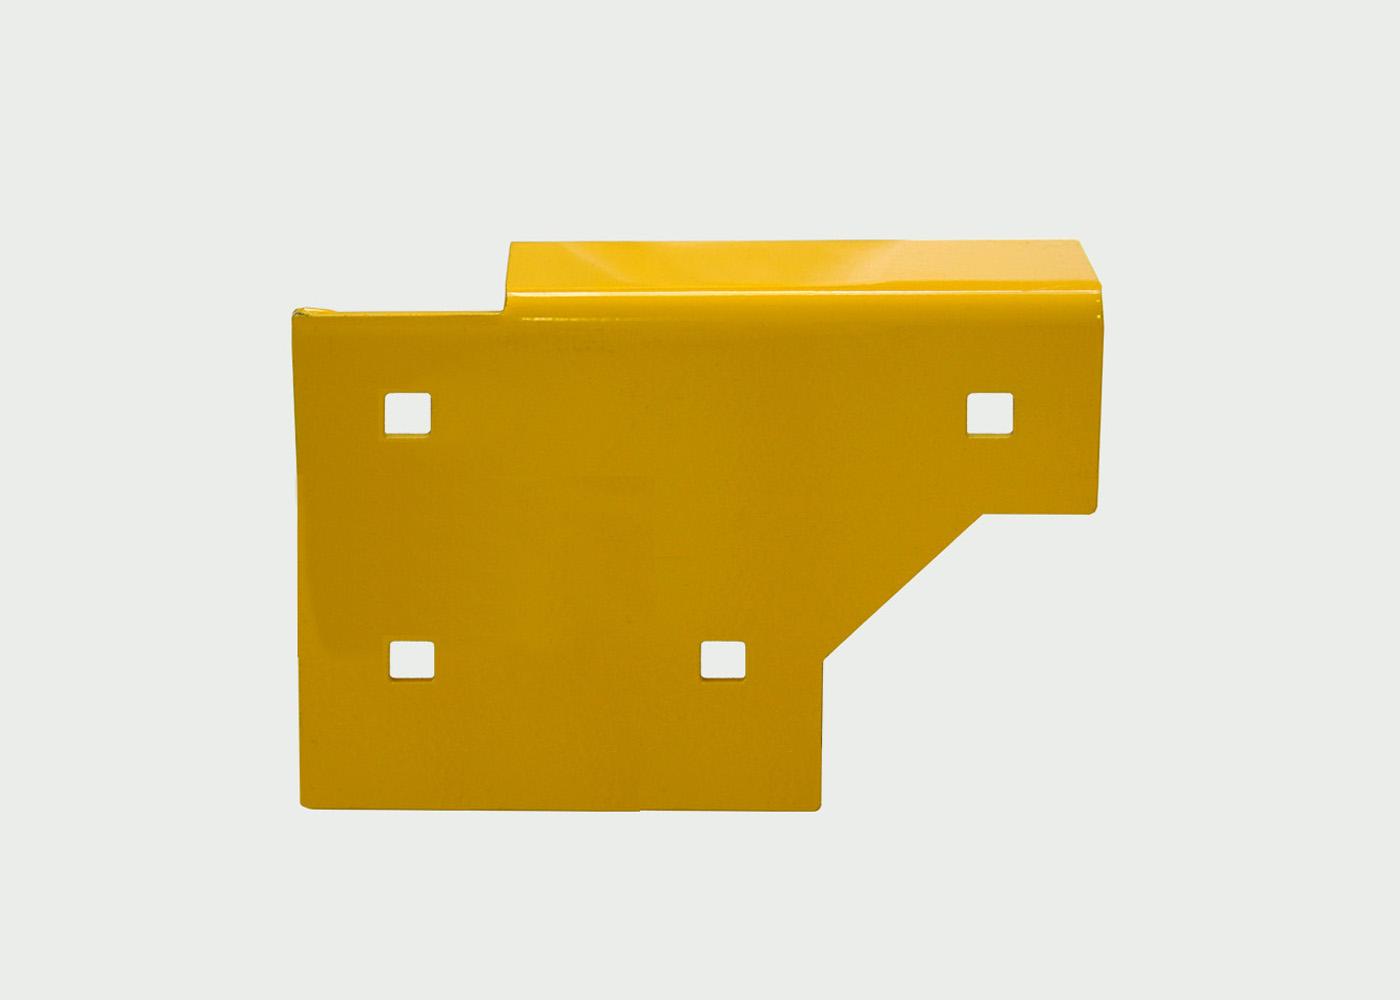 A12816-rh-special-panel-bracket-1400w